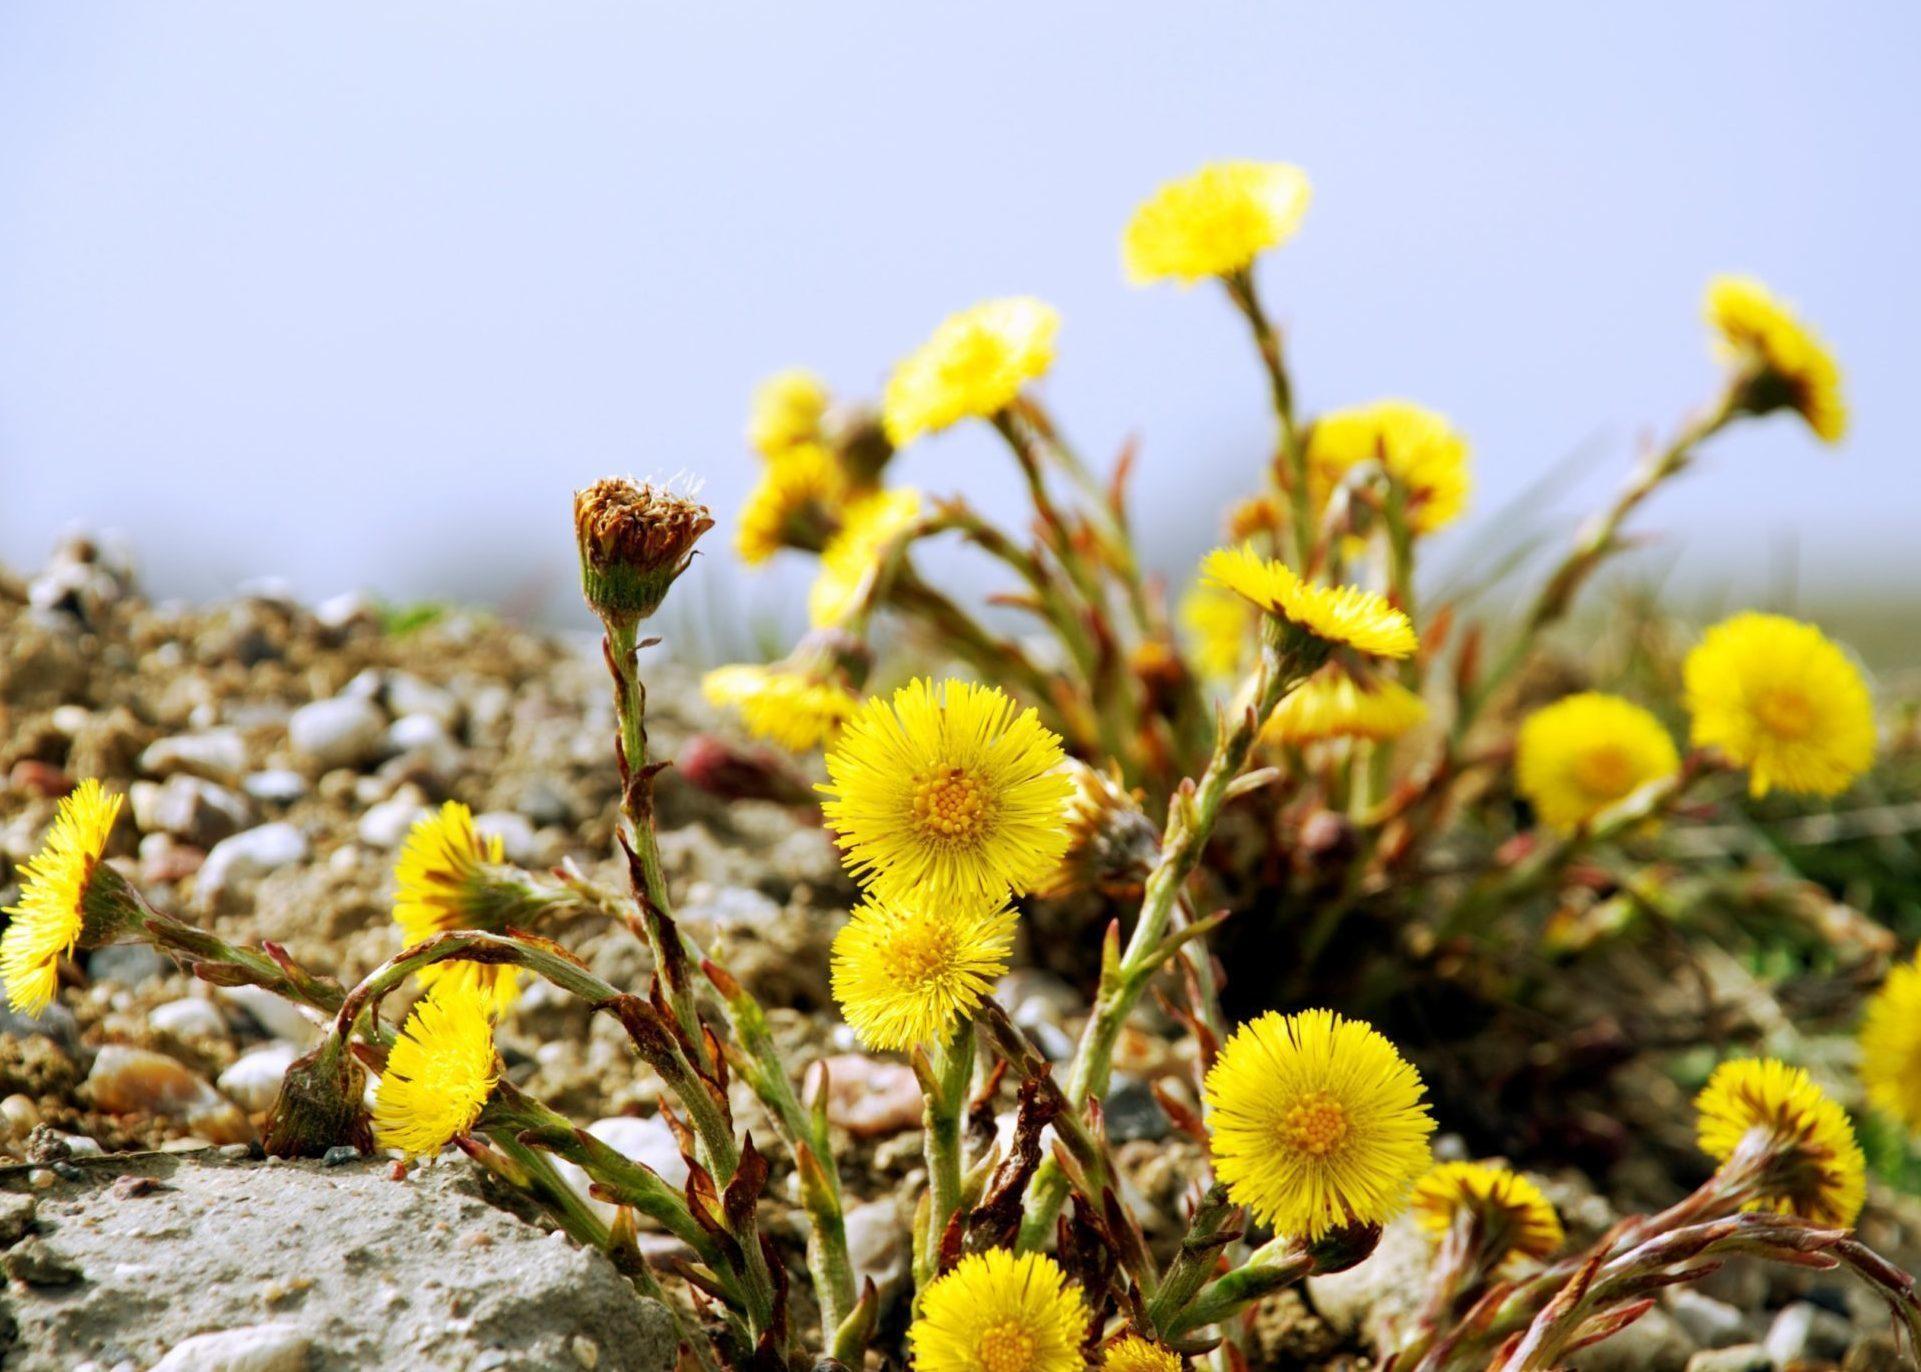 Délicates fleurs jaunes ressemblant à de petits pissenlits